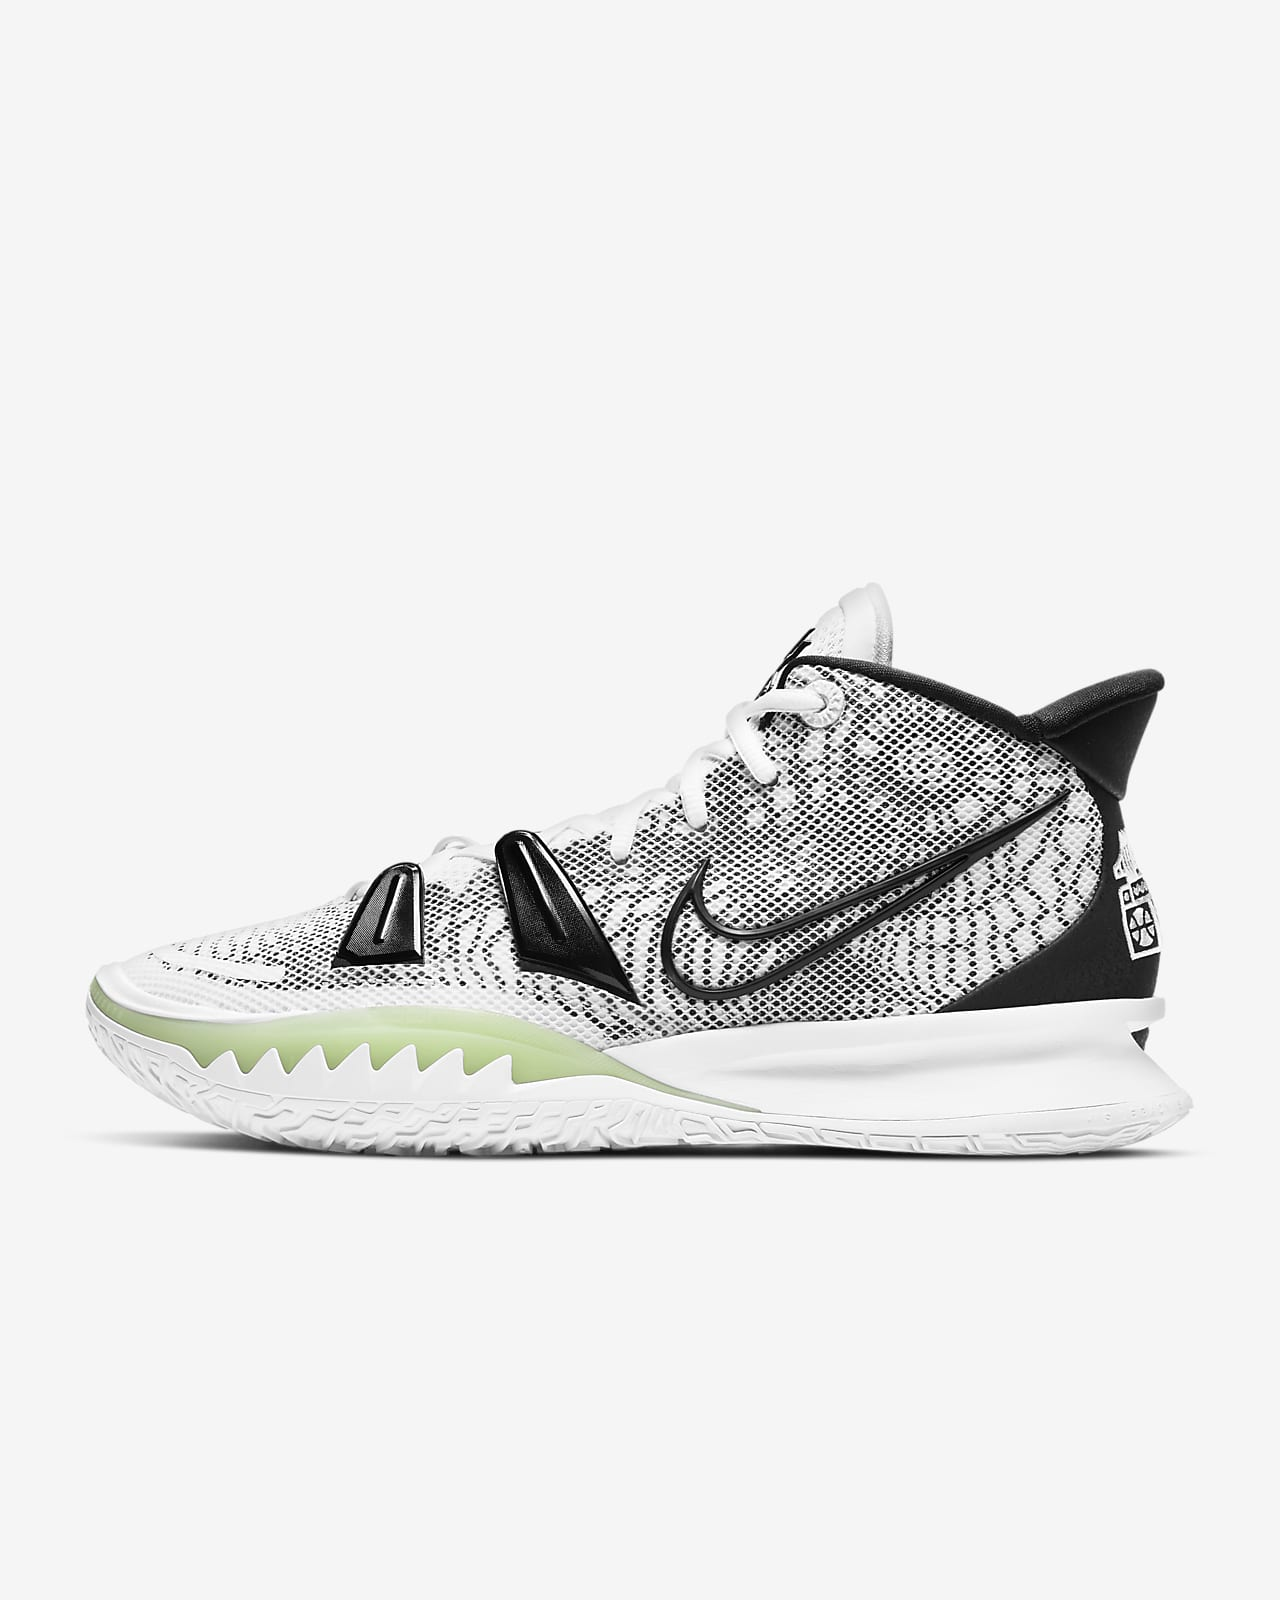 Chaussure de basketball Kyrie7 «Brooklyn Beats»